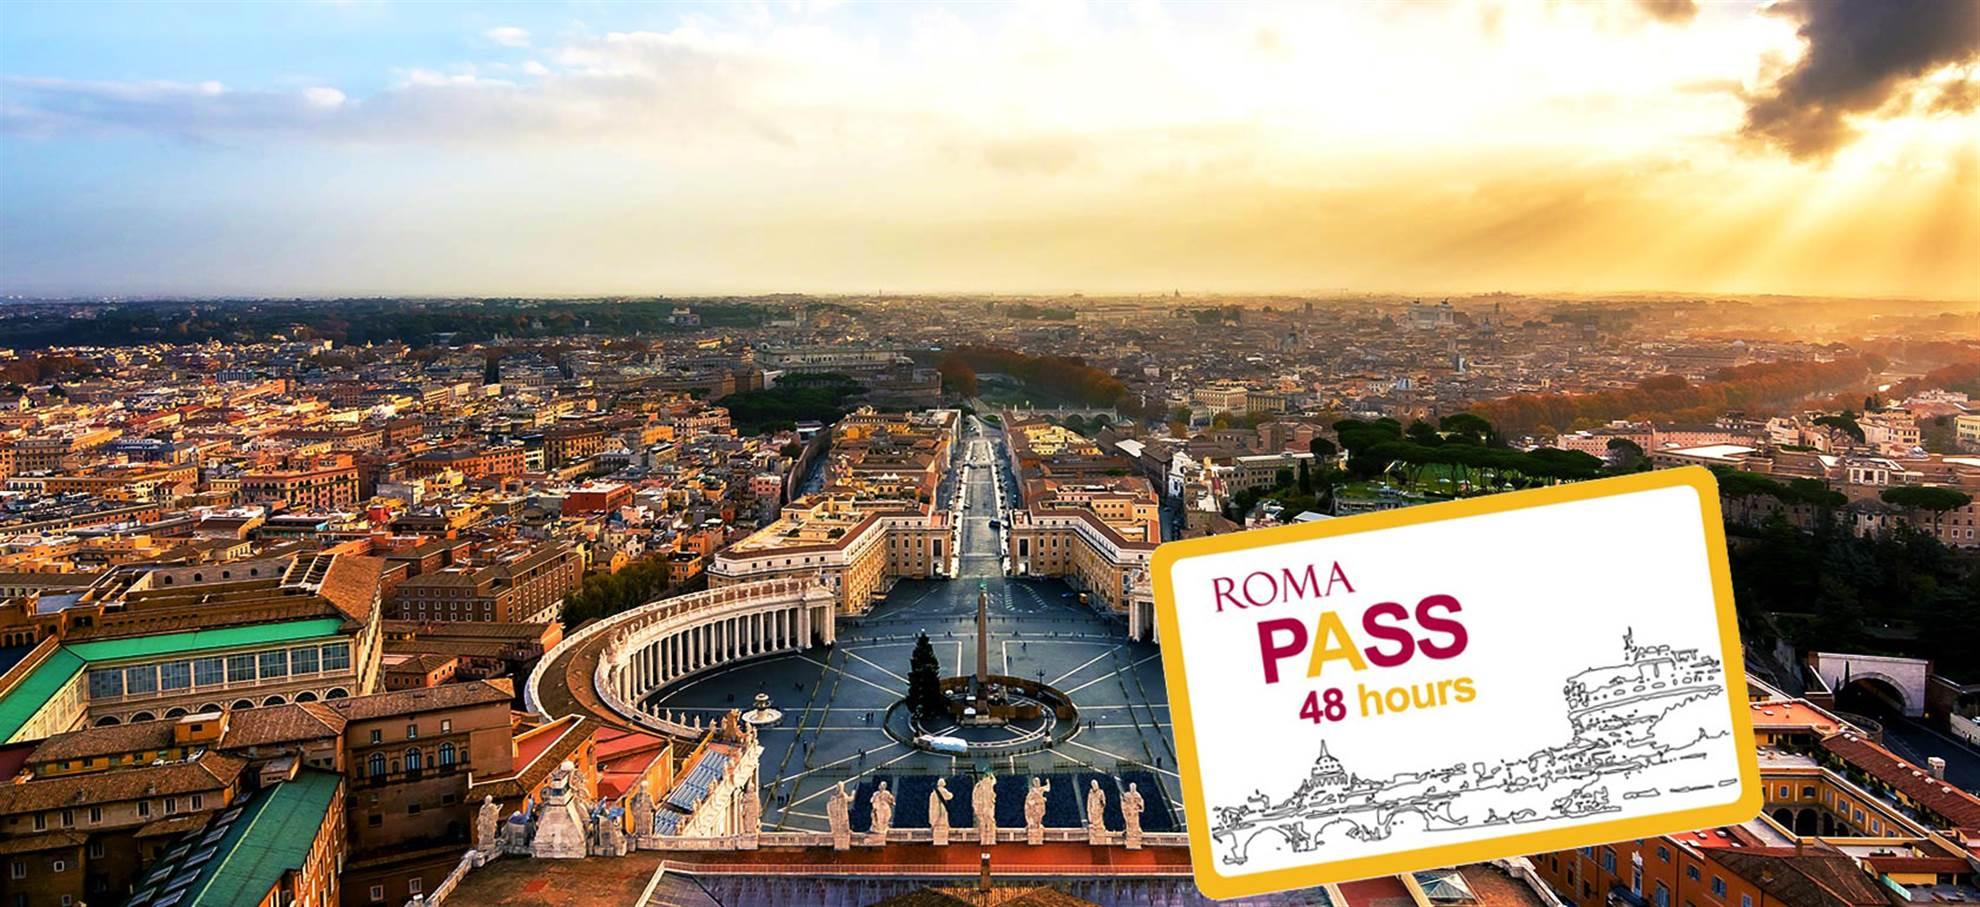 Roma Pass 48 Ore (Biglietti Salta-Fila per San Pietro opzionali)